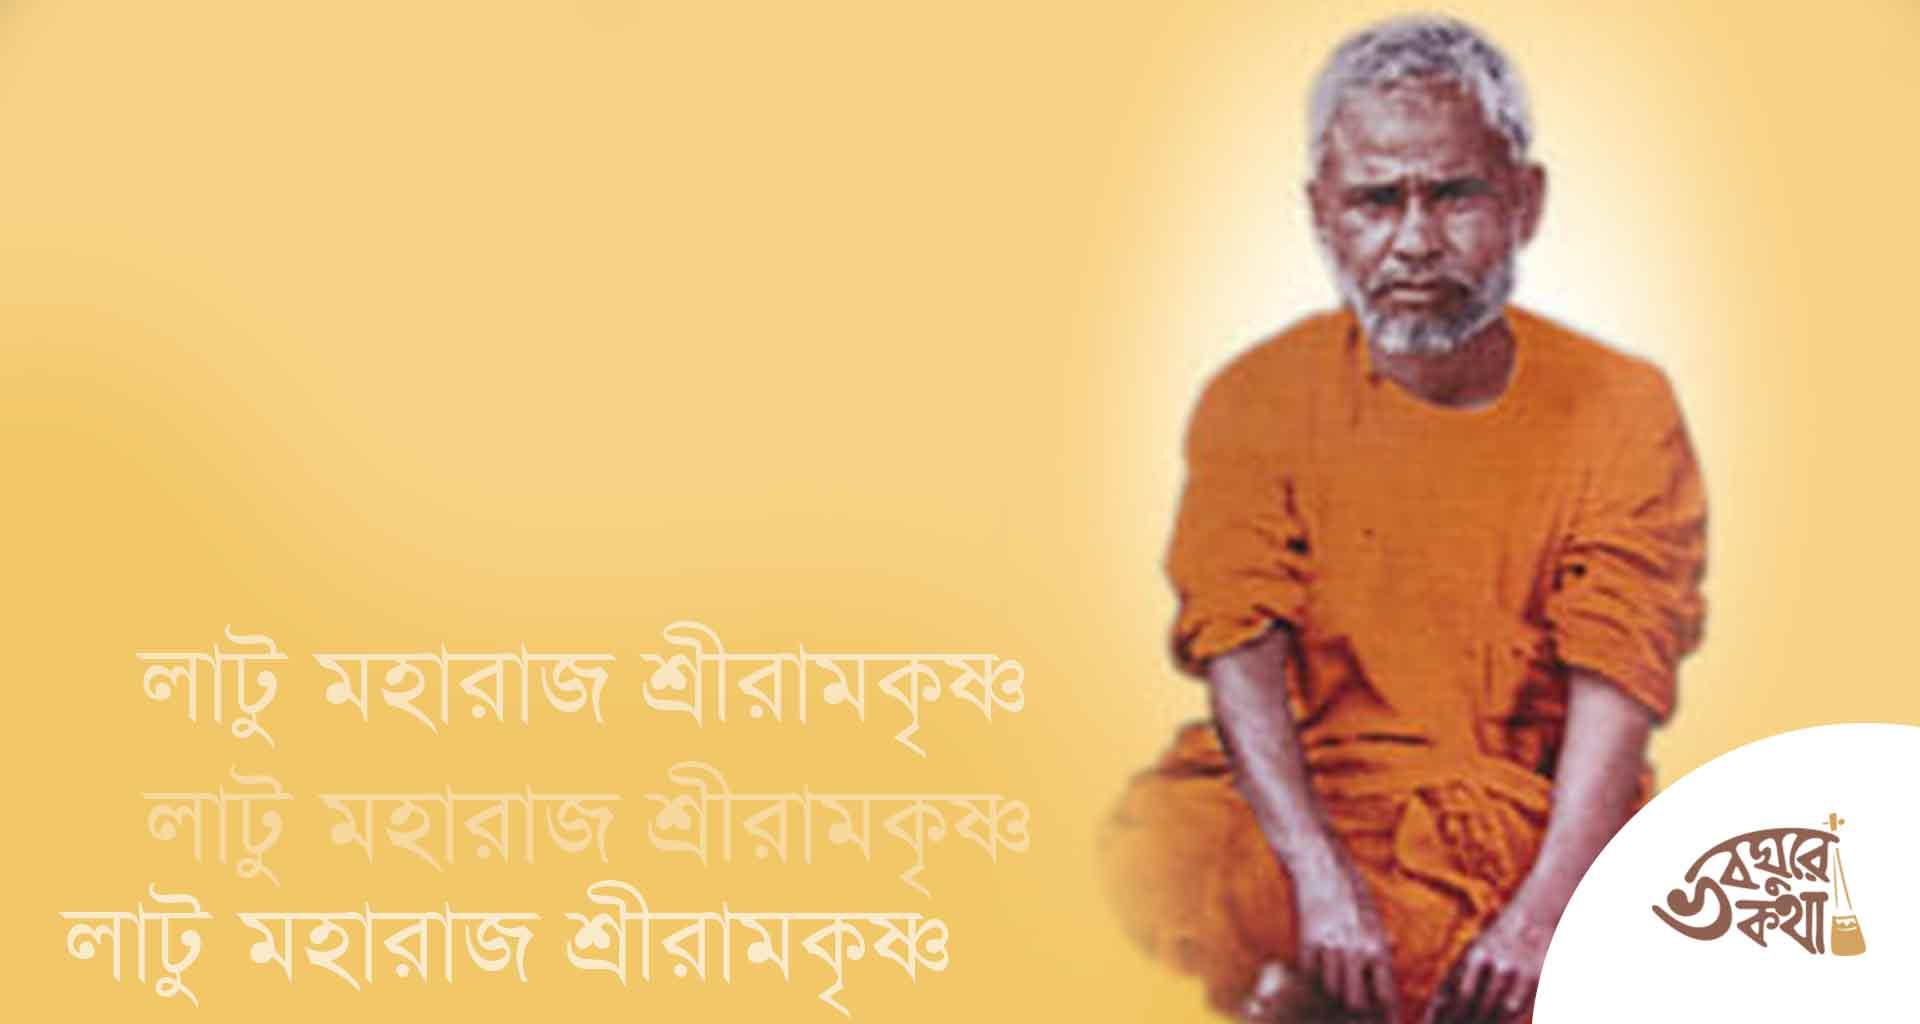 লাটু মহারাজ শ্রীরামকৃষ্ণ